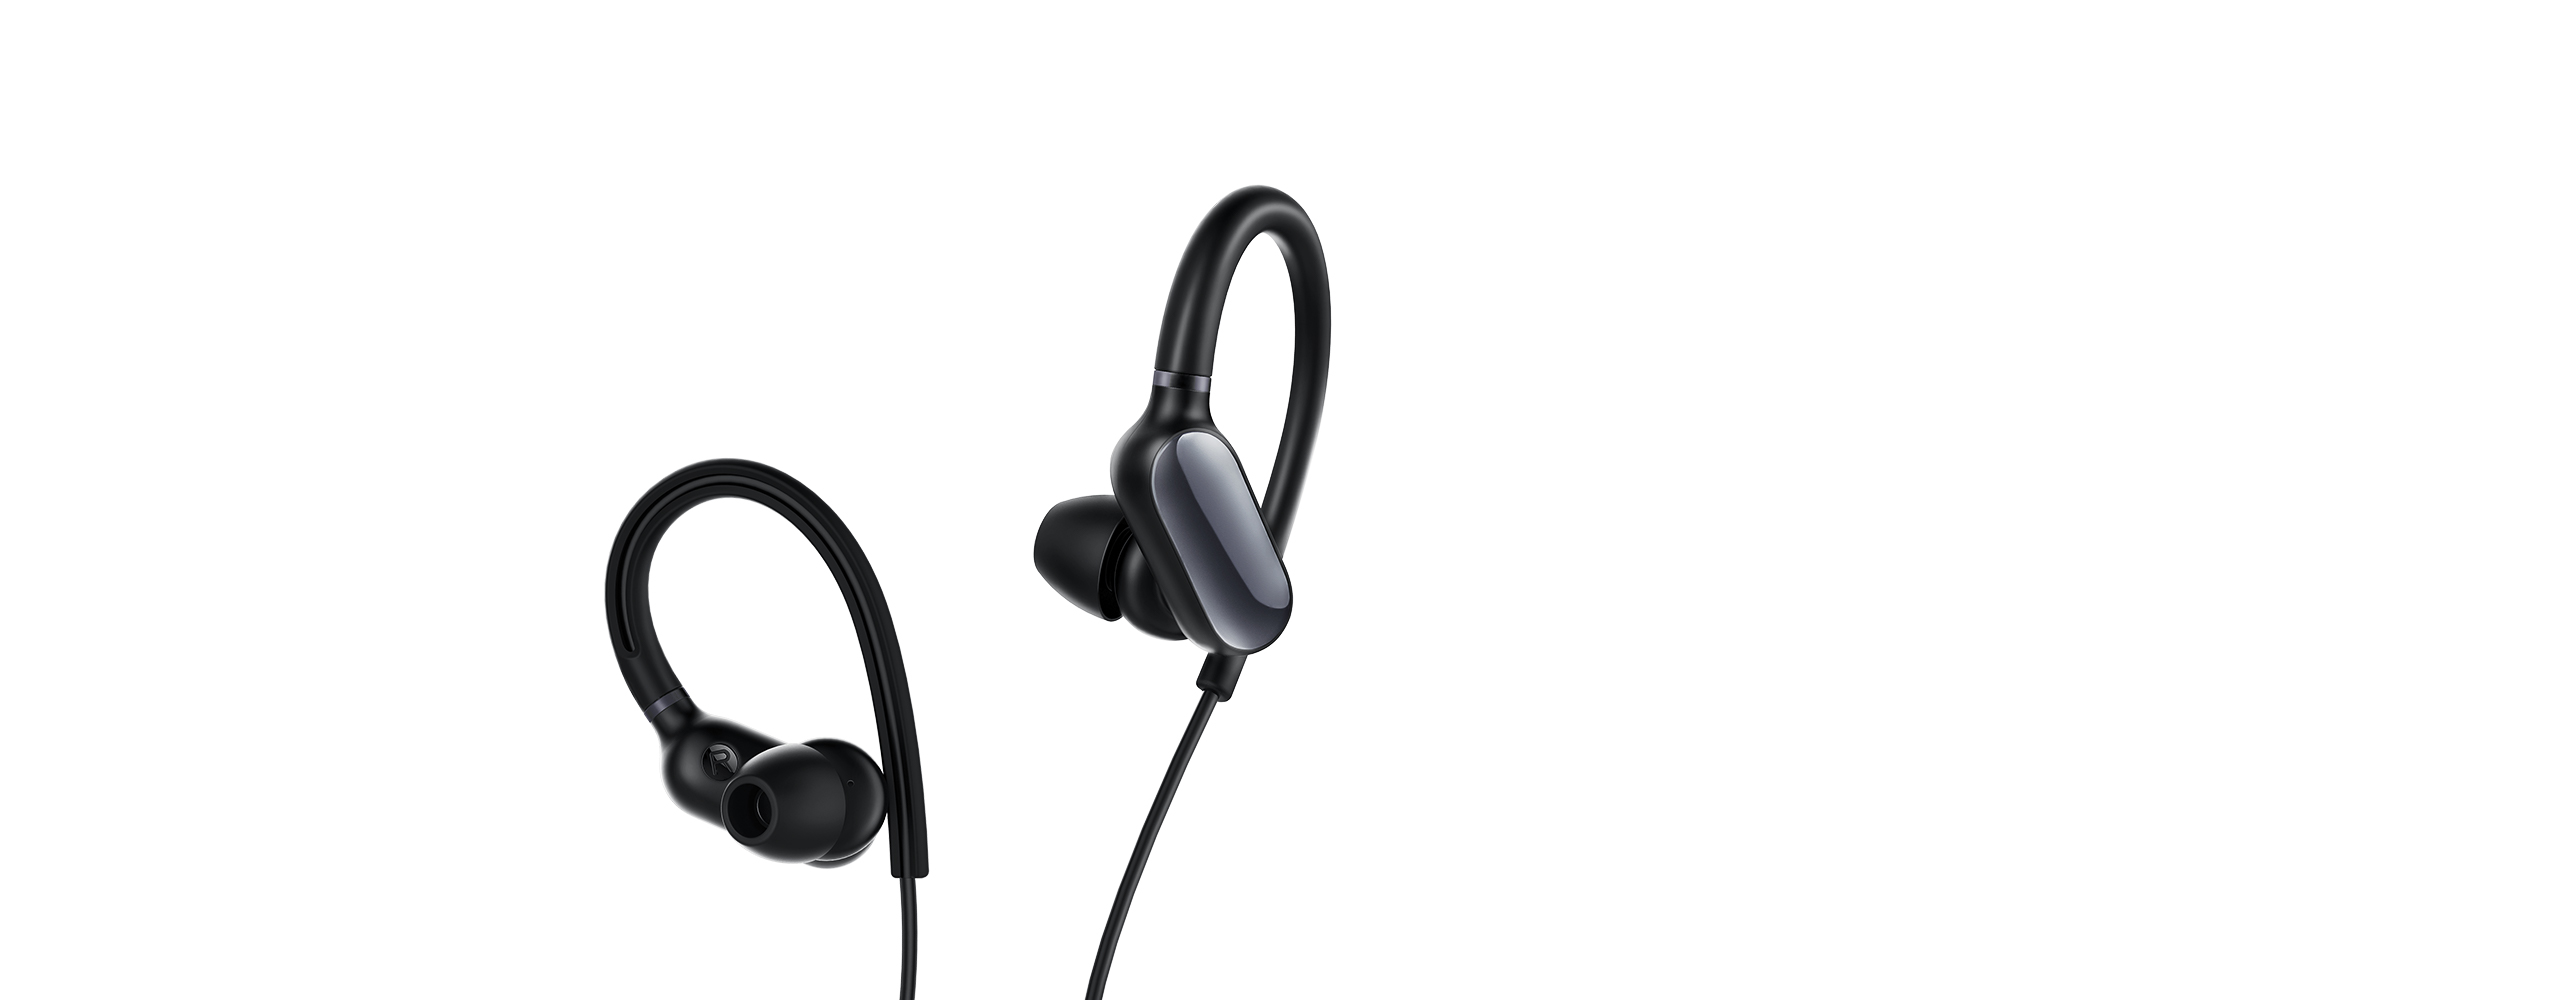 l'atteggiamento migliore e67b1 c0cae Mi Sports Bluetooth Earphones mini - Xiaomi United States